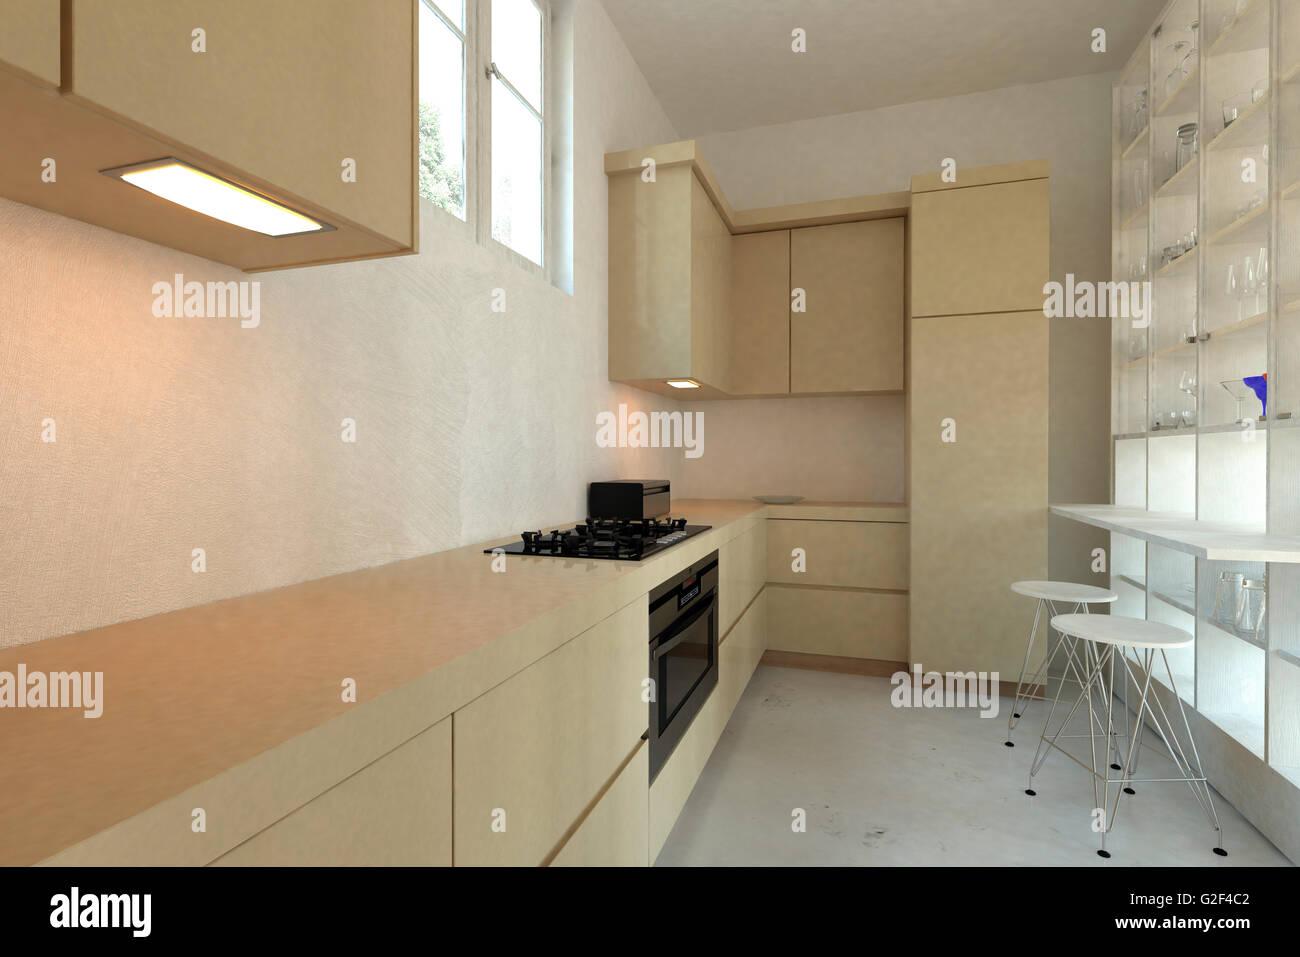 Lange schmale ausgestattete moderne Küche mit eingebauten Geräten ...